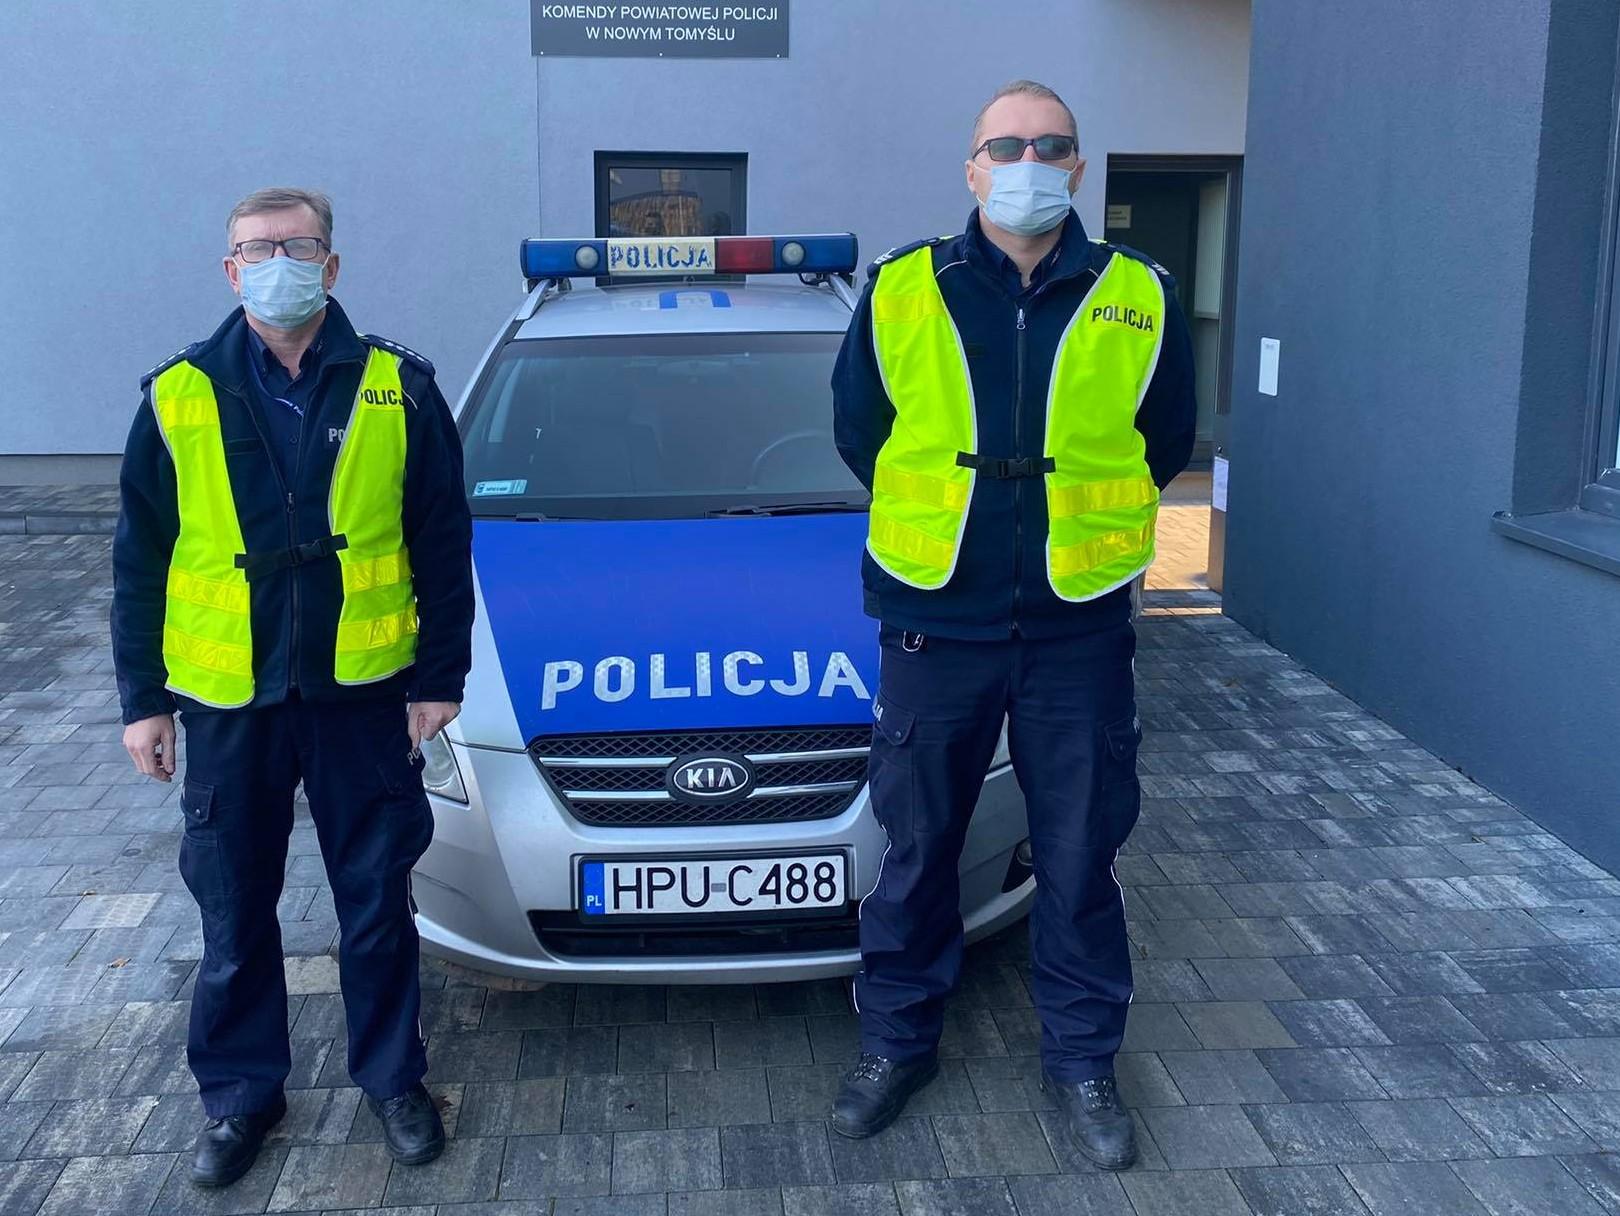 policja eskorta nowy tomyśl - KPP Nowy Tomyśl